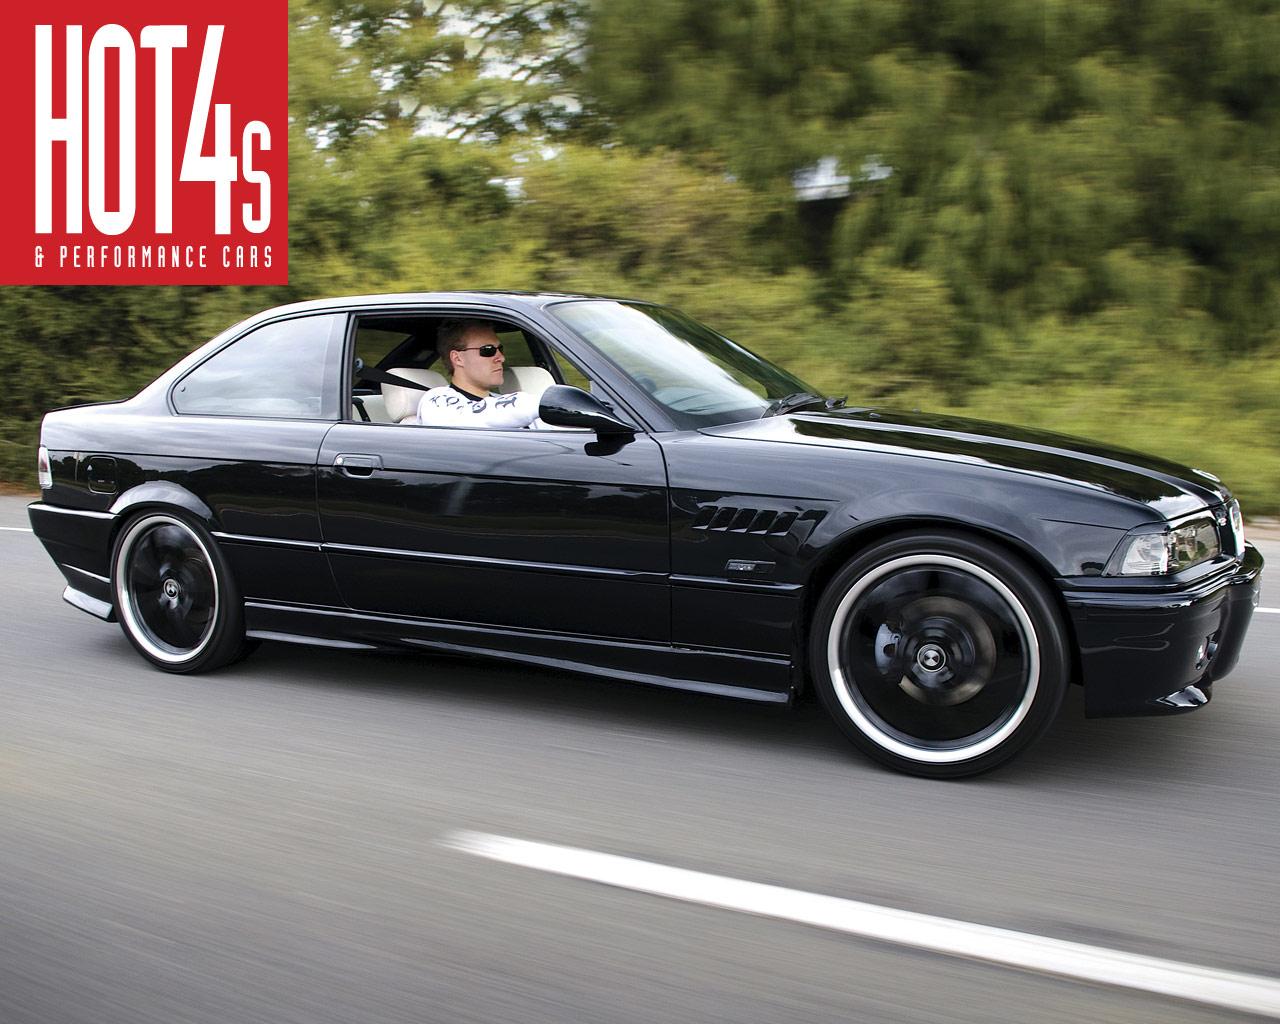 http://3.bp.blogspot.com/-fTNFvw45jnw/Te-piQmt3lI/AAAAAAAAAQs/ZiHhFfoI67U/s1600/BMW%2Bwallpaper.jpg